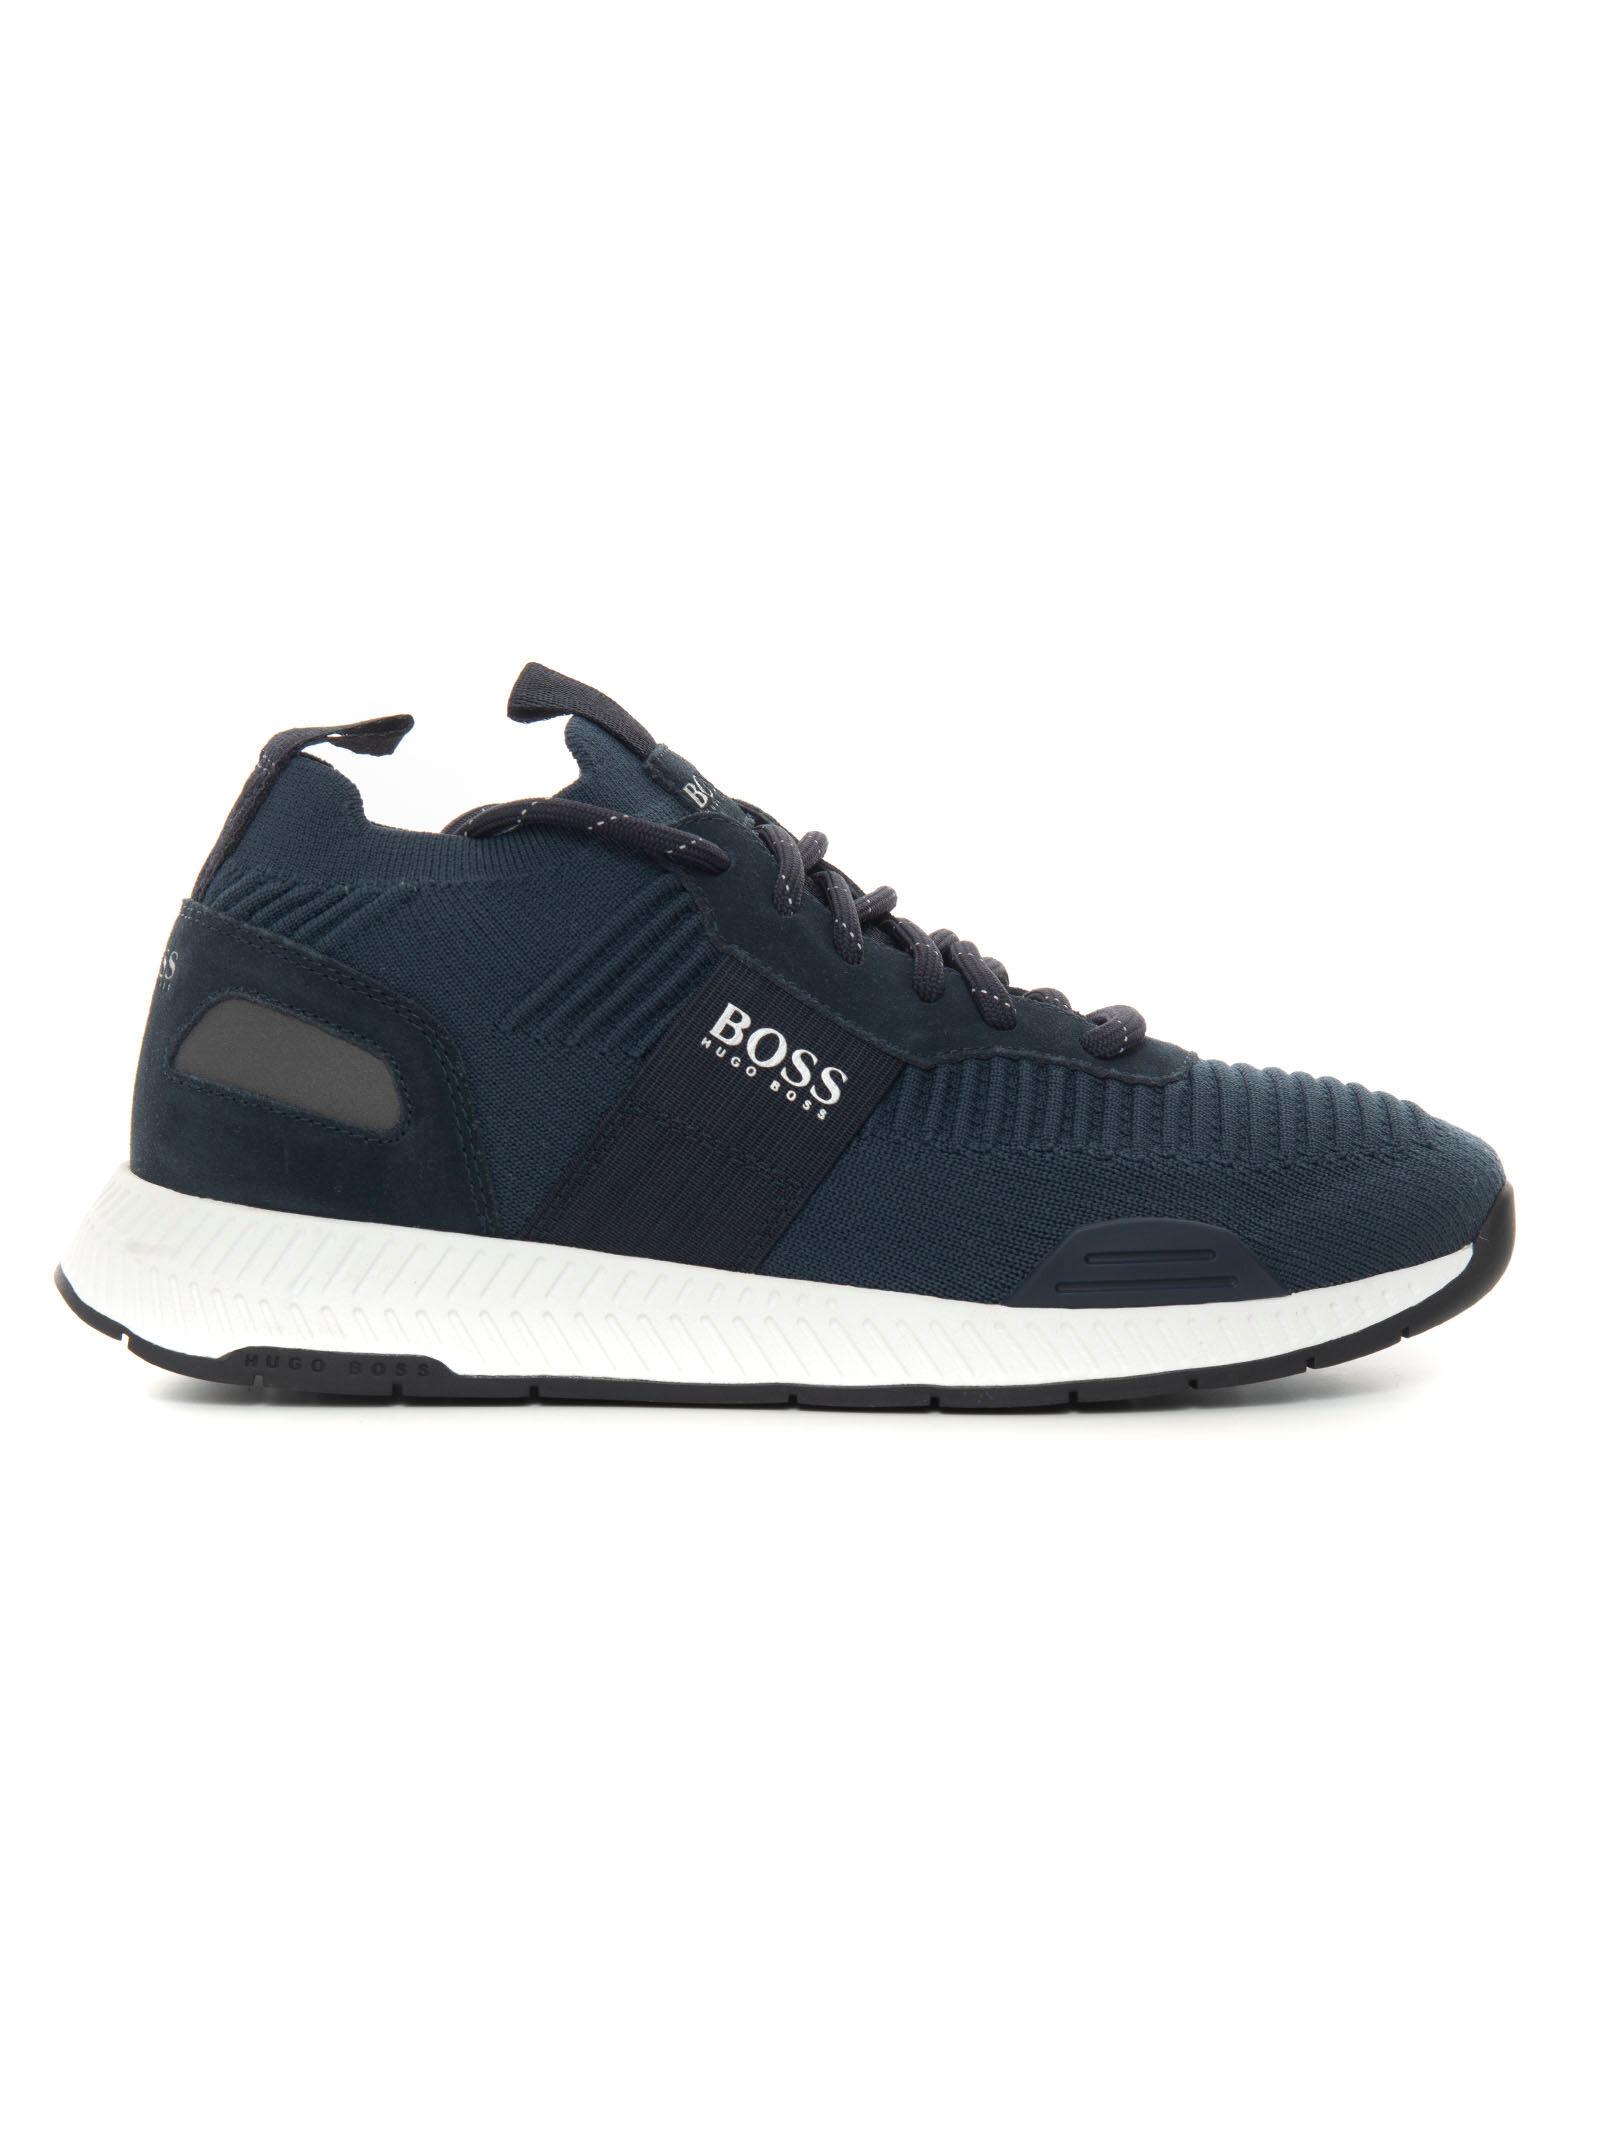 Boss Sneakers con rialzo allacciata Titanium_Runn_Knst1 Blu Uomo